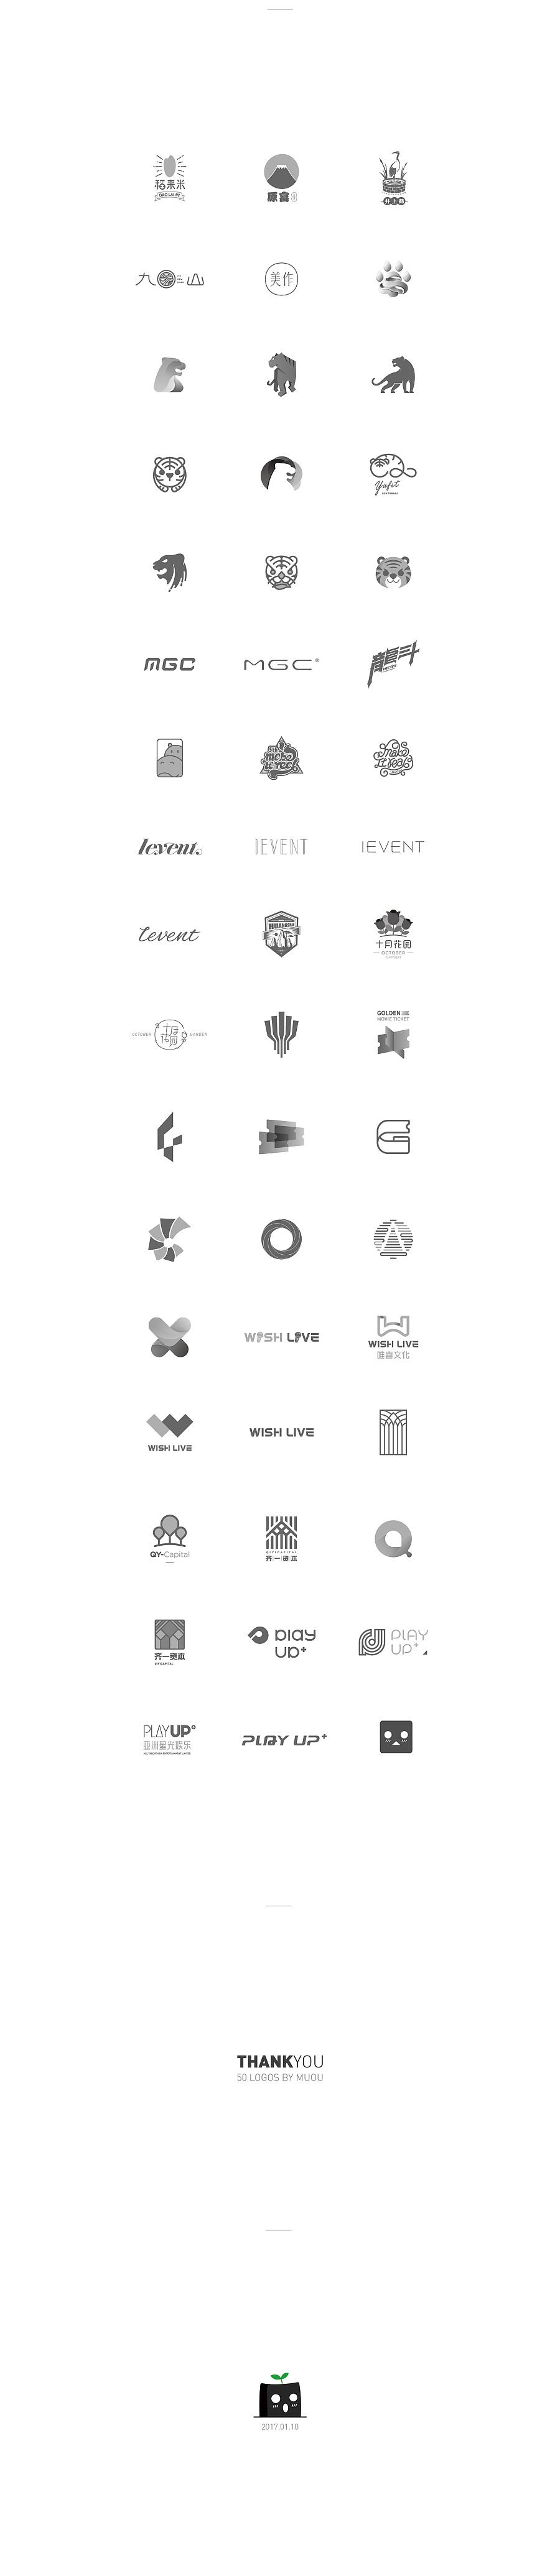 查看《2015丨2016 LOGO设计合集》原图,原图尺寸:1700x7826